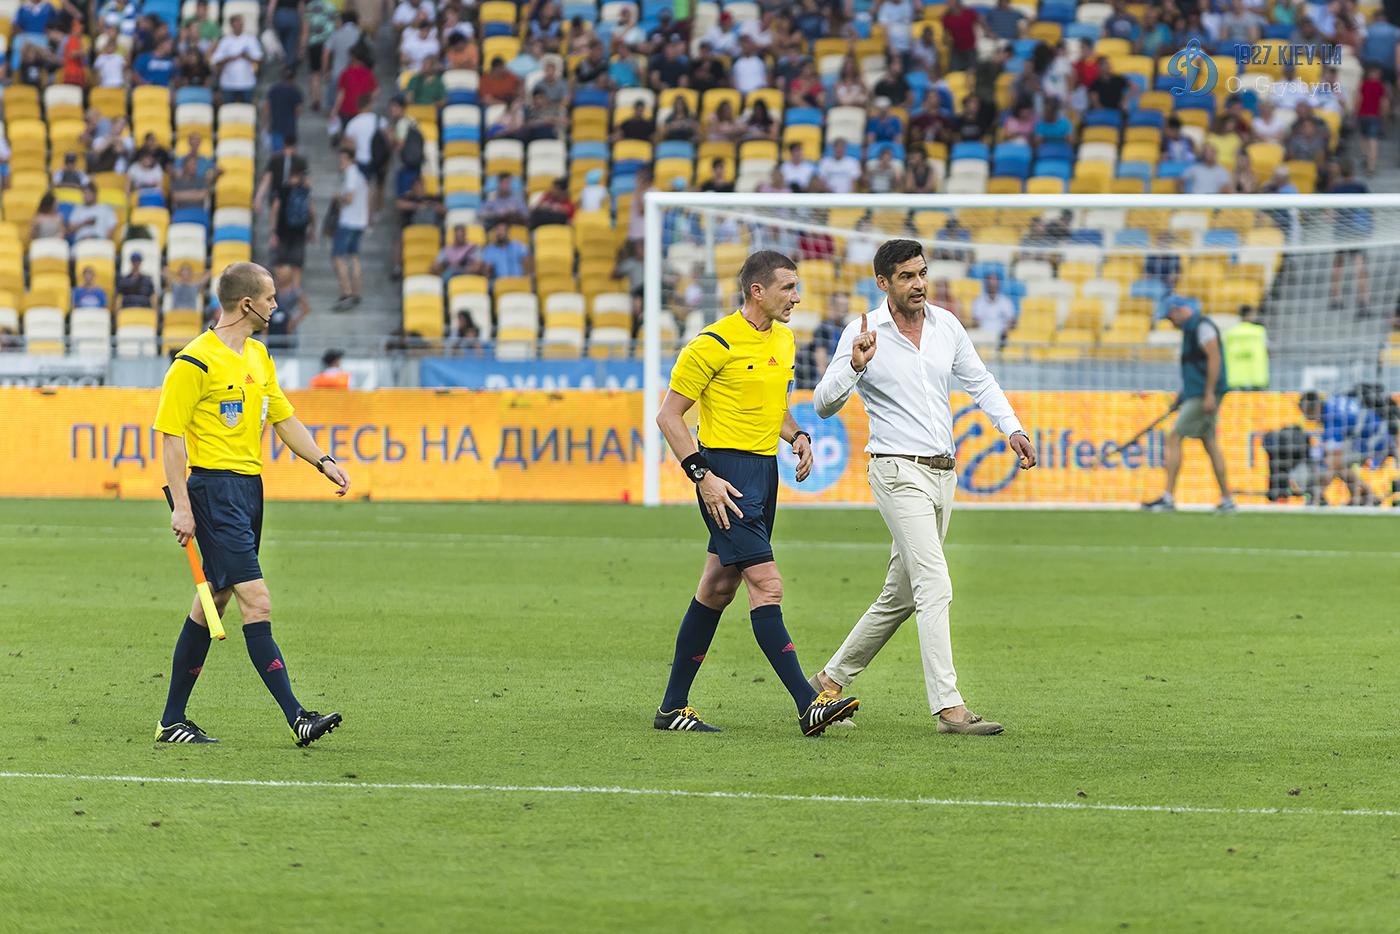 Исмаили: у Шахтера могут возникнуть проблемы в игре с Днепром